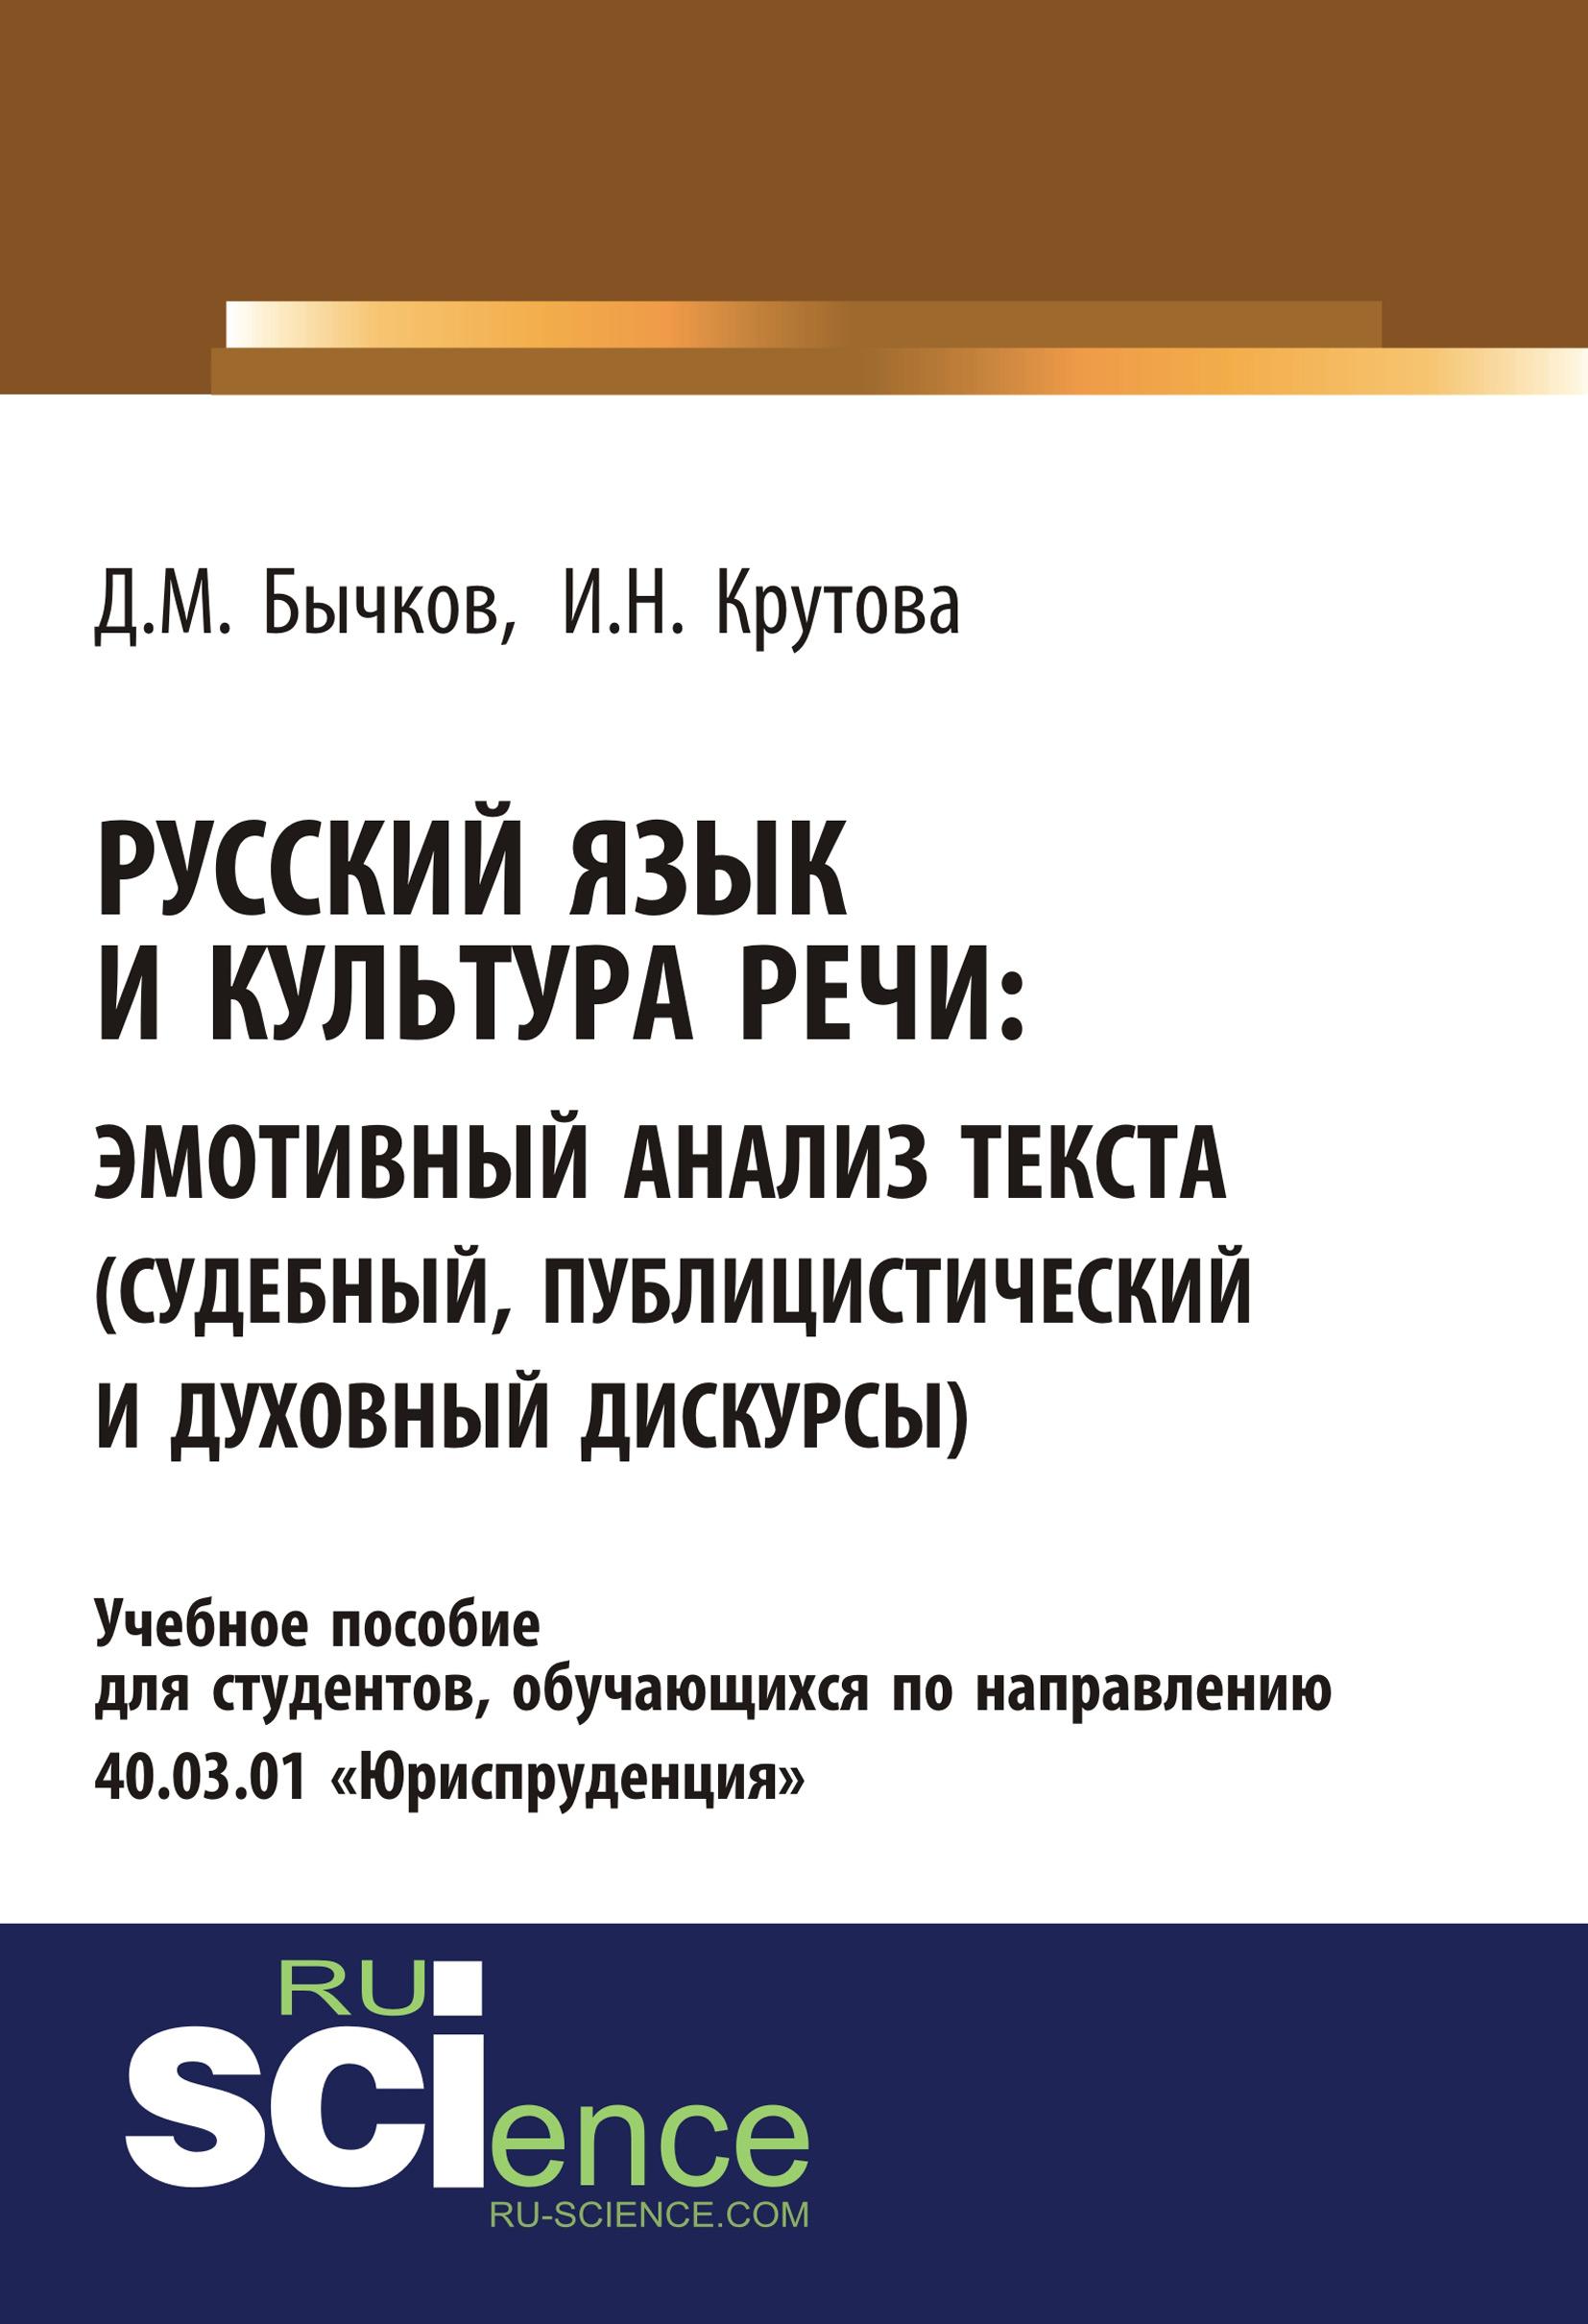 Д. Н. Бычков Русский язык и культура речи. Эмотивный анализ текста (судебный, публицистический и духовный дискурсы)